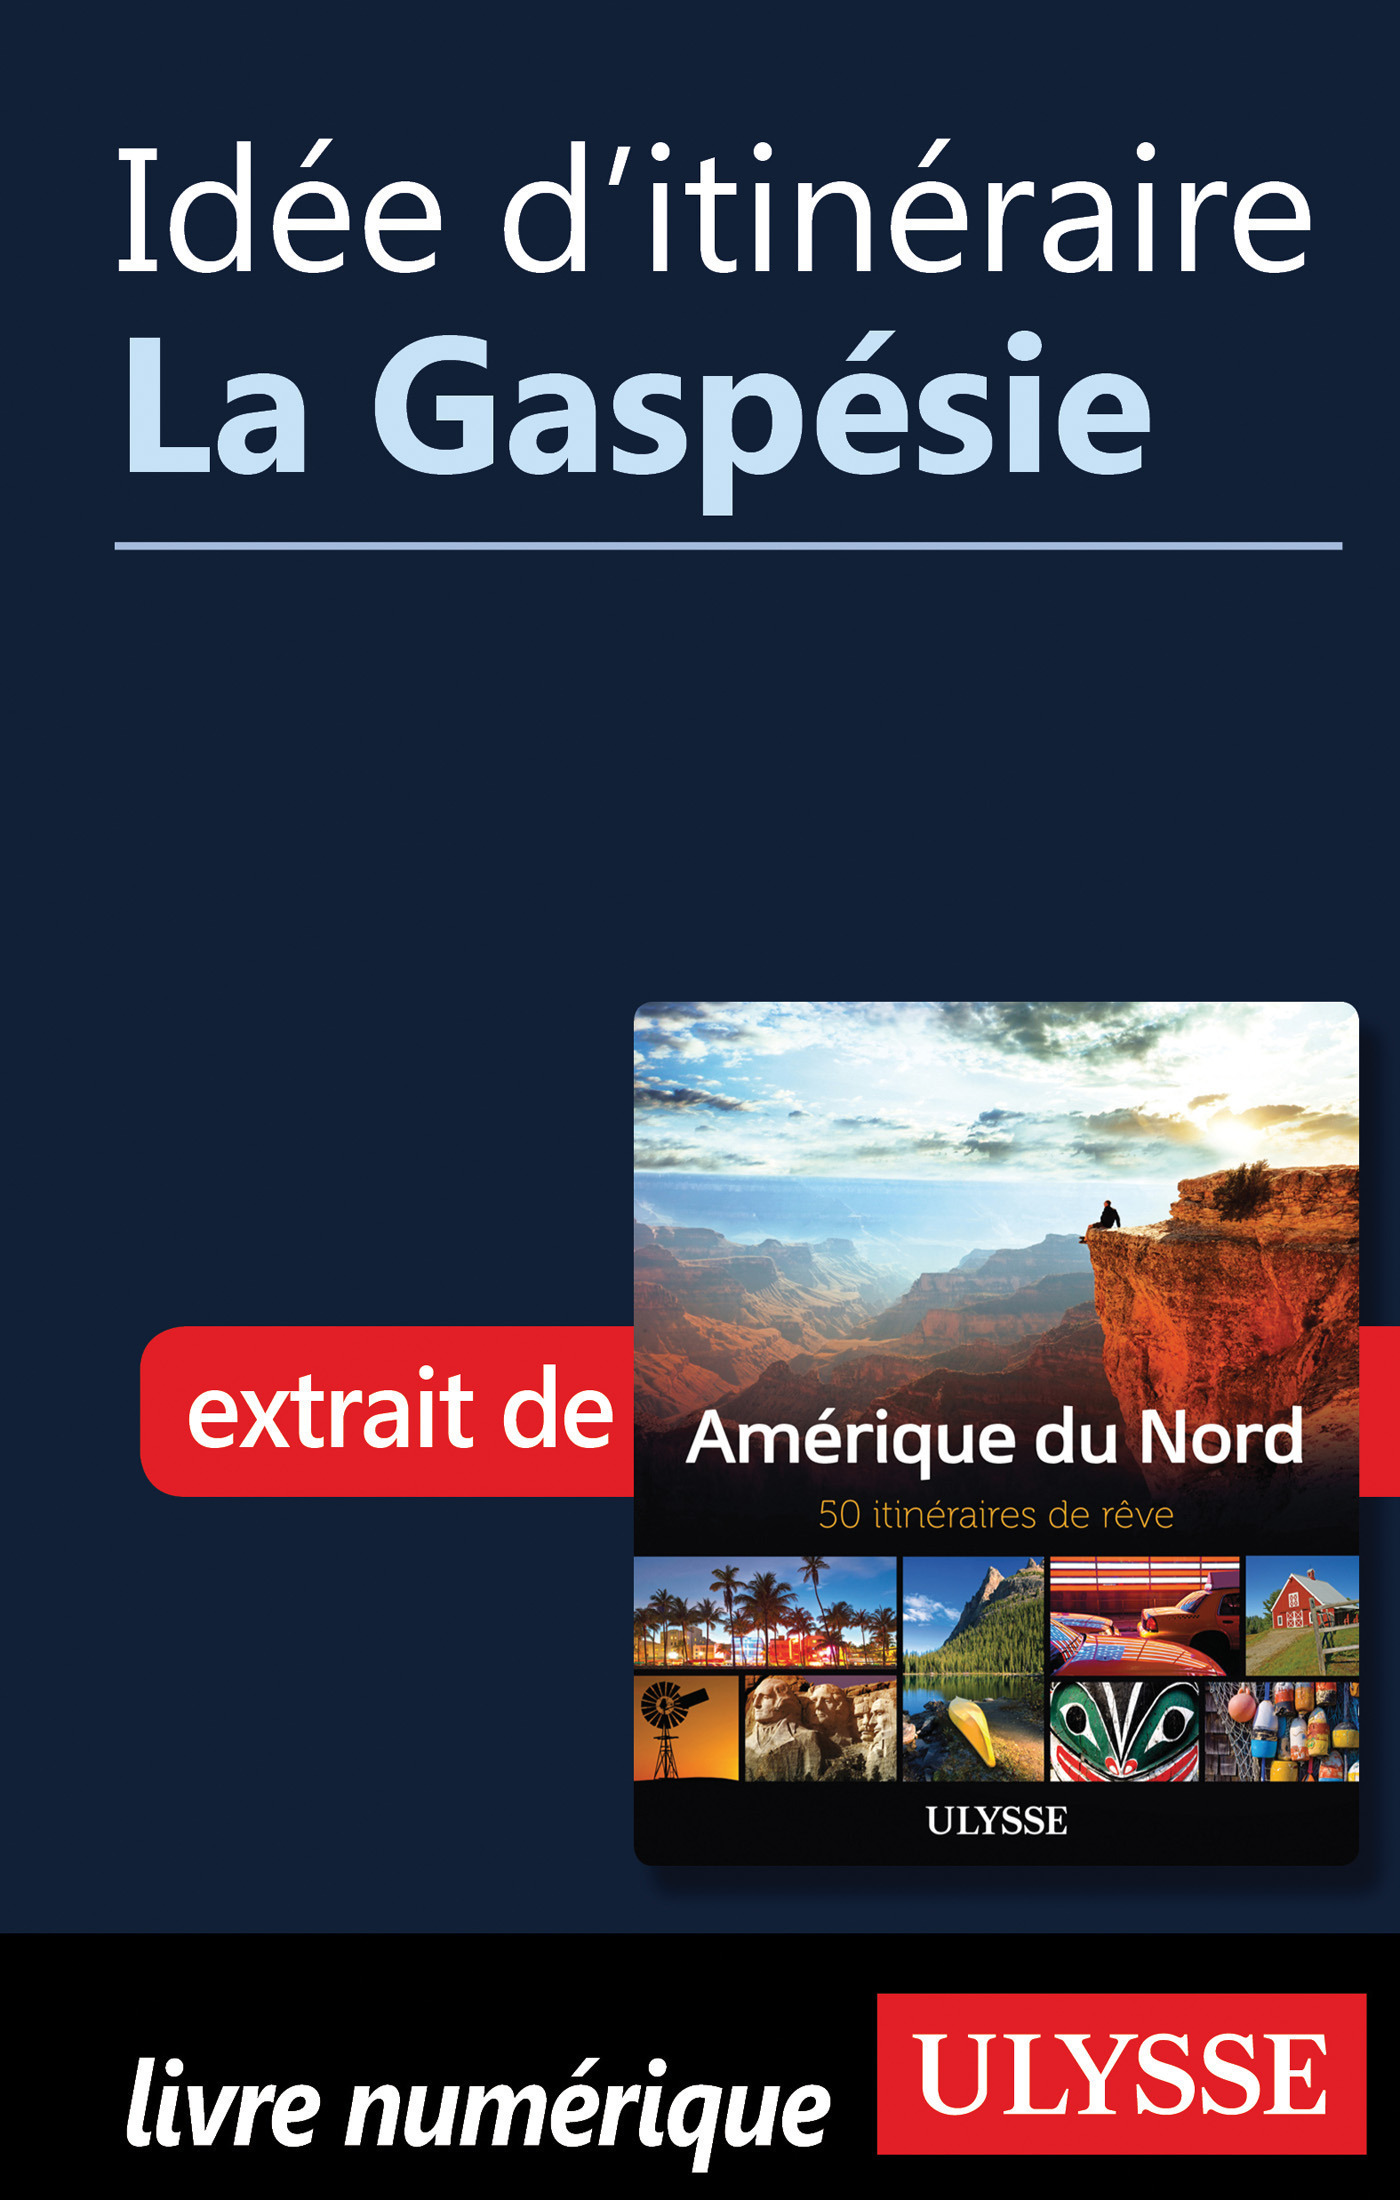 Idée d'itinéraire - La Gaspésie